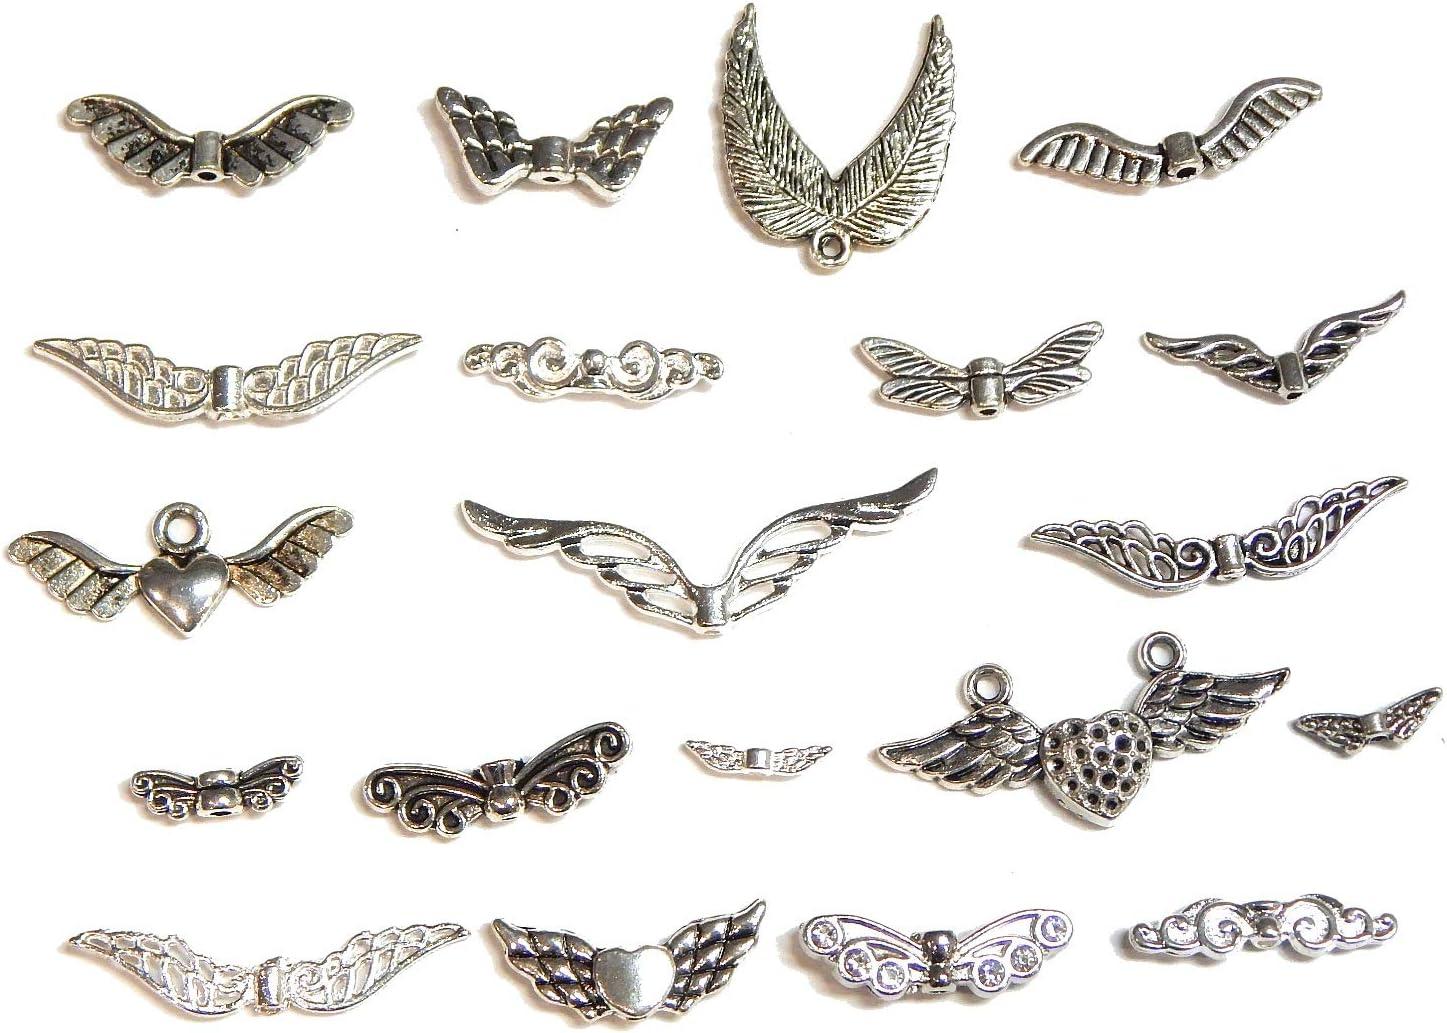 Perlin alas de ángel, 20 Modelos Diferentes, 40 Unidades, Metal, alas de ángel, Entre Perlas, Colgante, Colgante de Metal para Collar, Mezcla de Joyas DIY